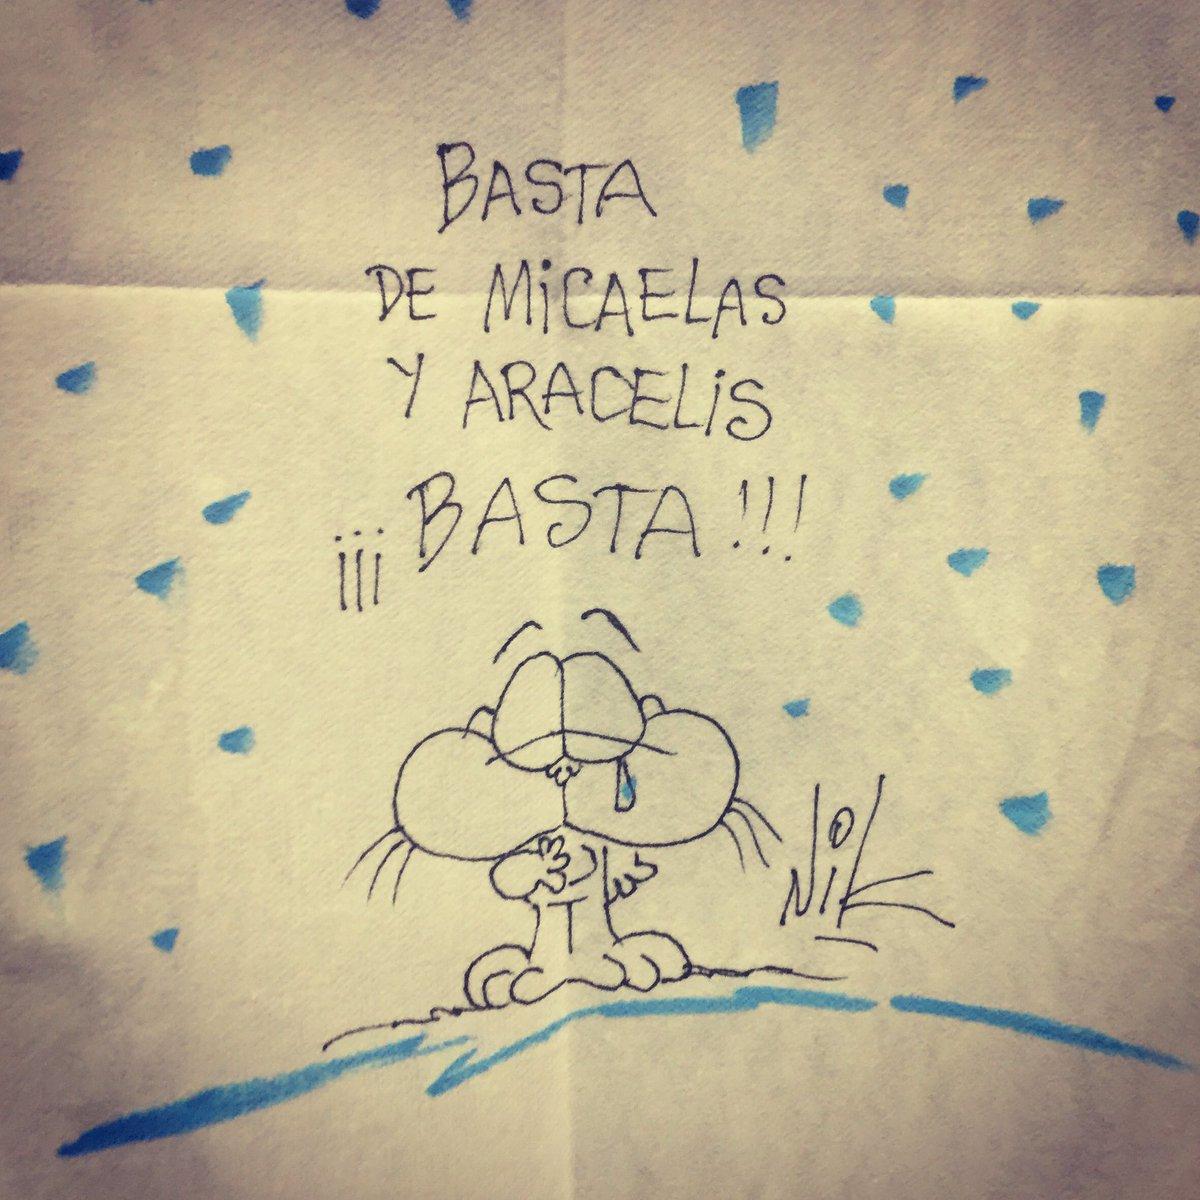 Todavía no está confirmado q sea Araceli pero sigue desaparecida, bast...